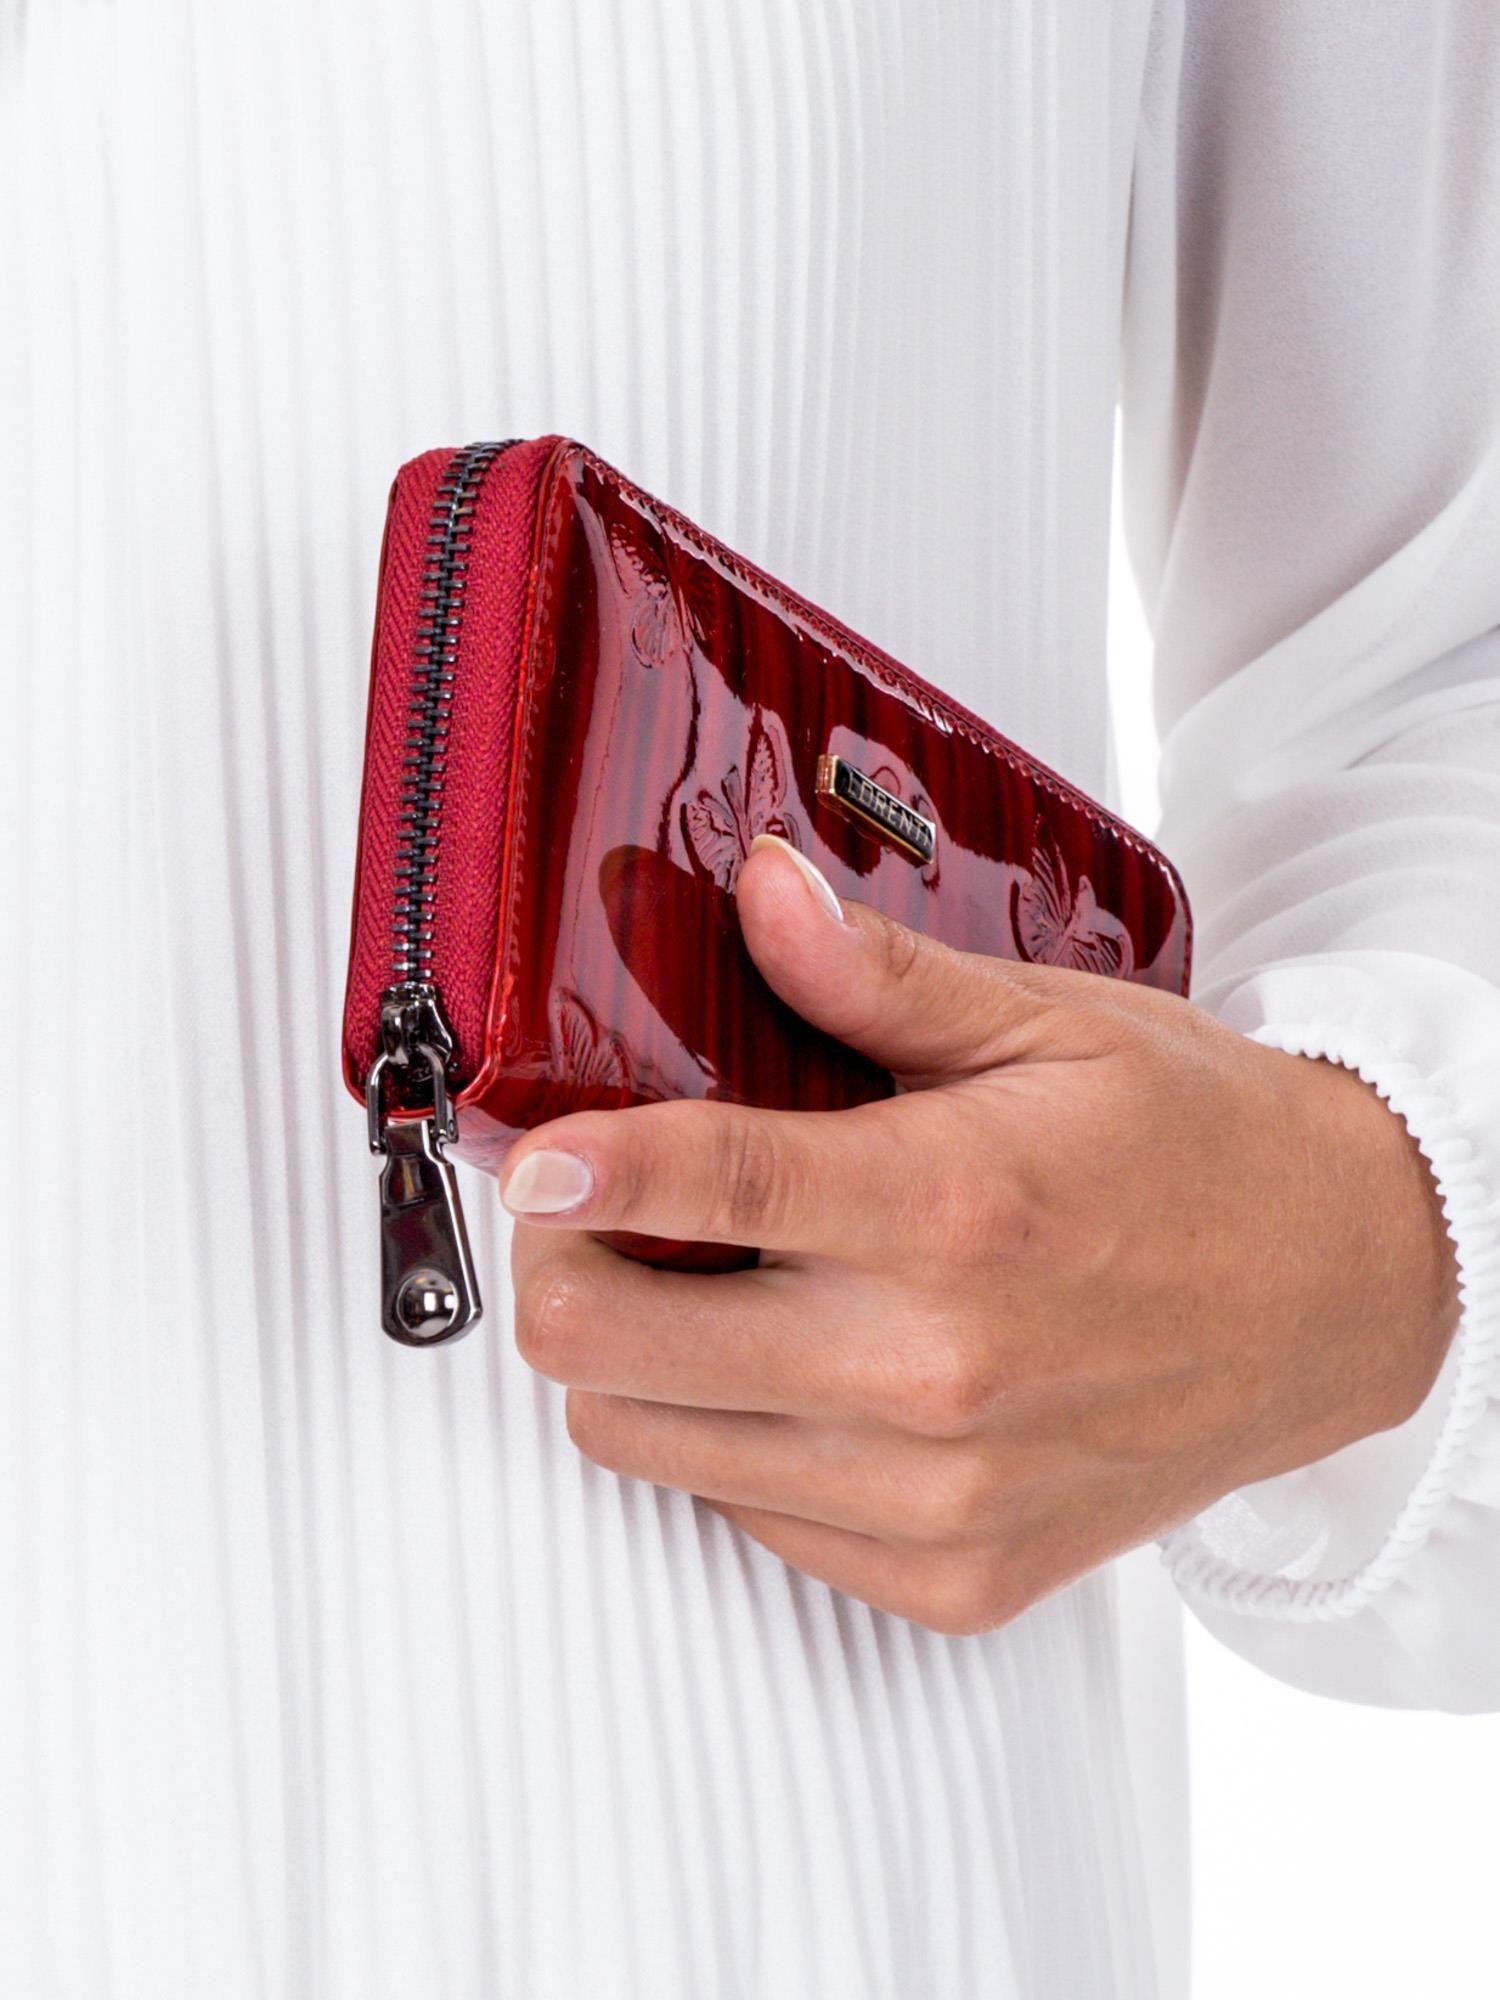 ed7530ccd48c76 Czerwony lakierowany portfel damski w tłoczone motyle - Akcesoria portfele  - sklep eButik.pl